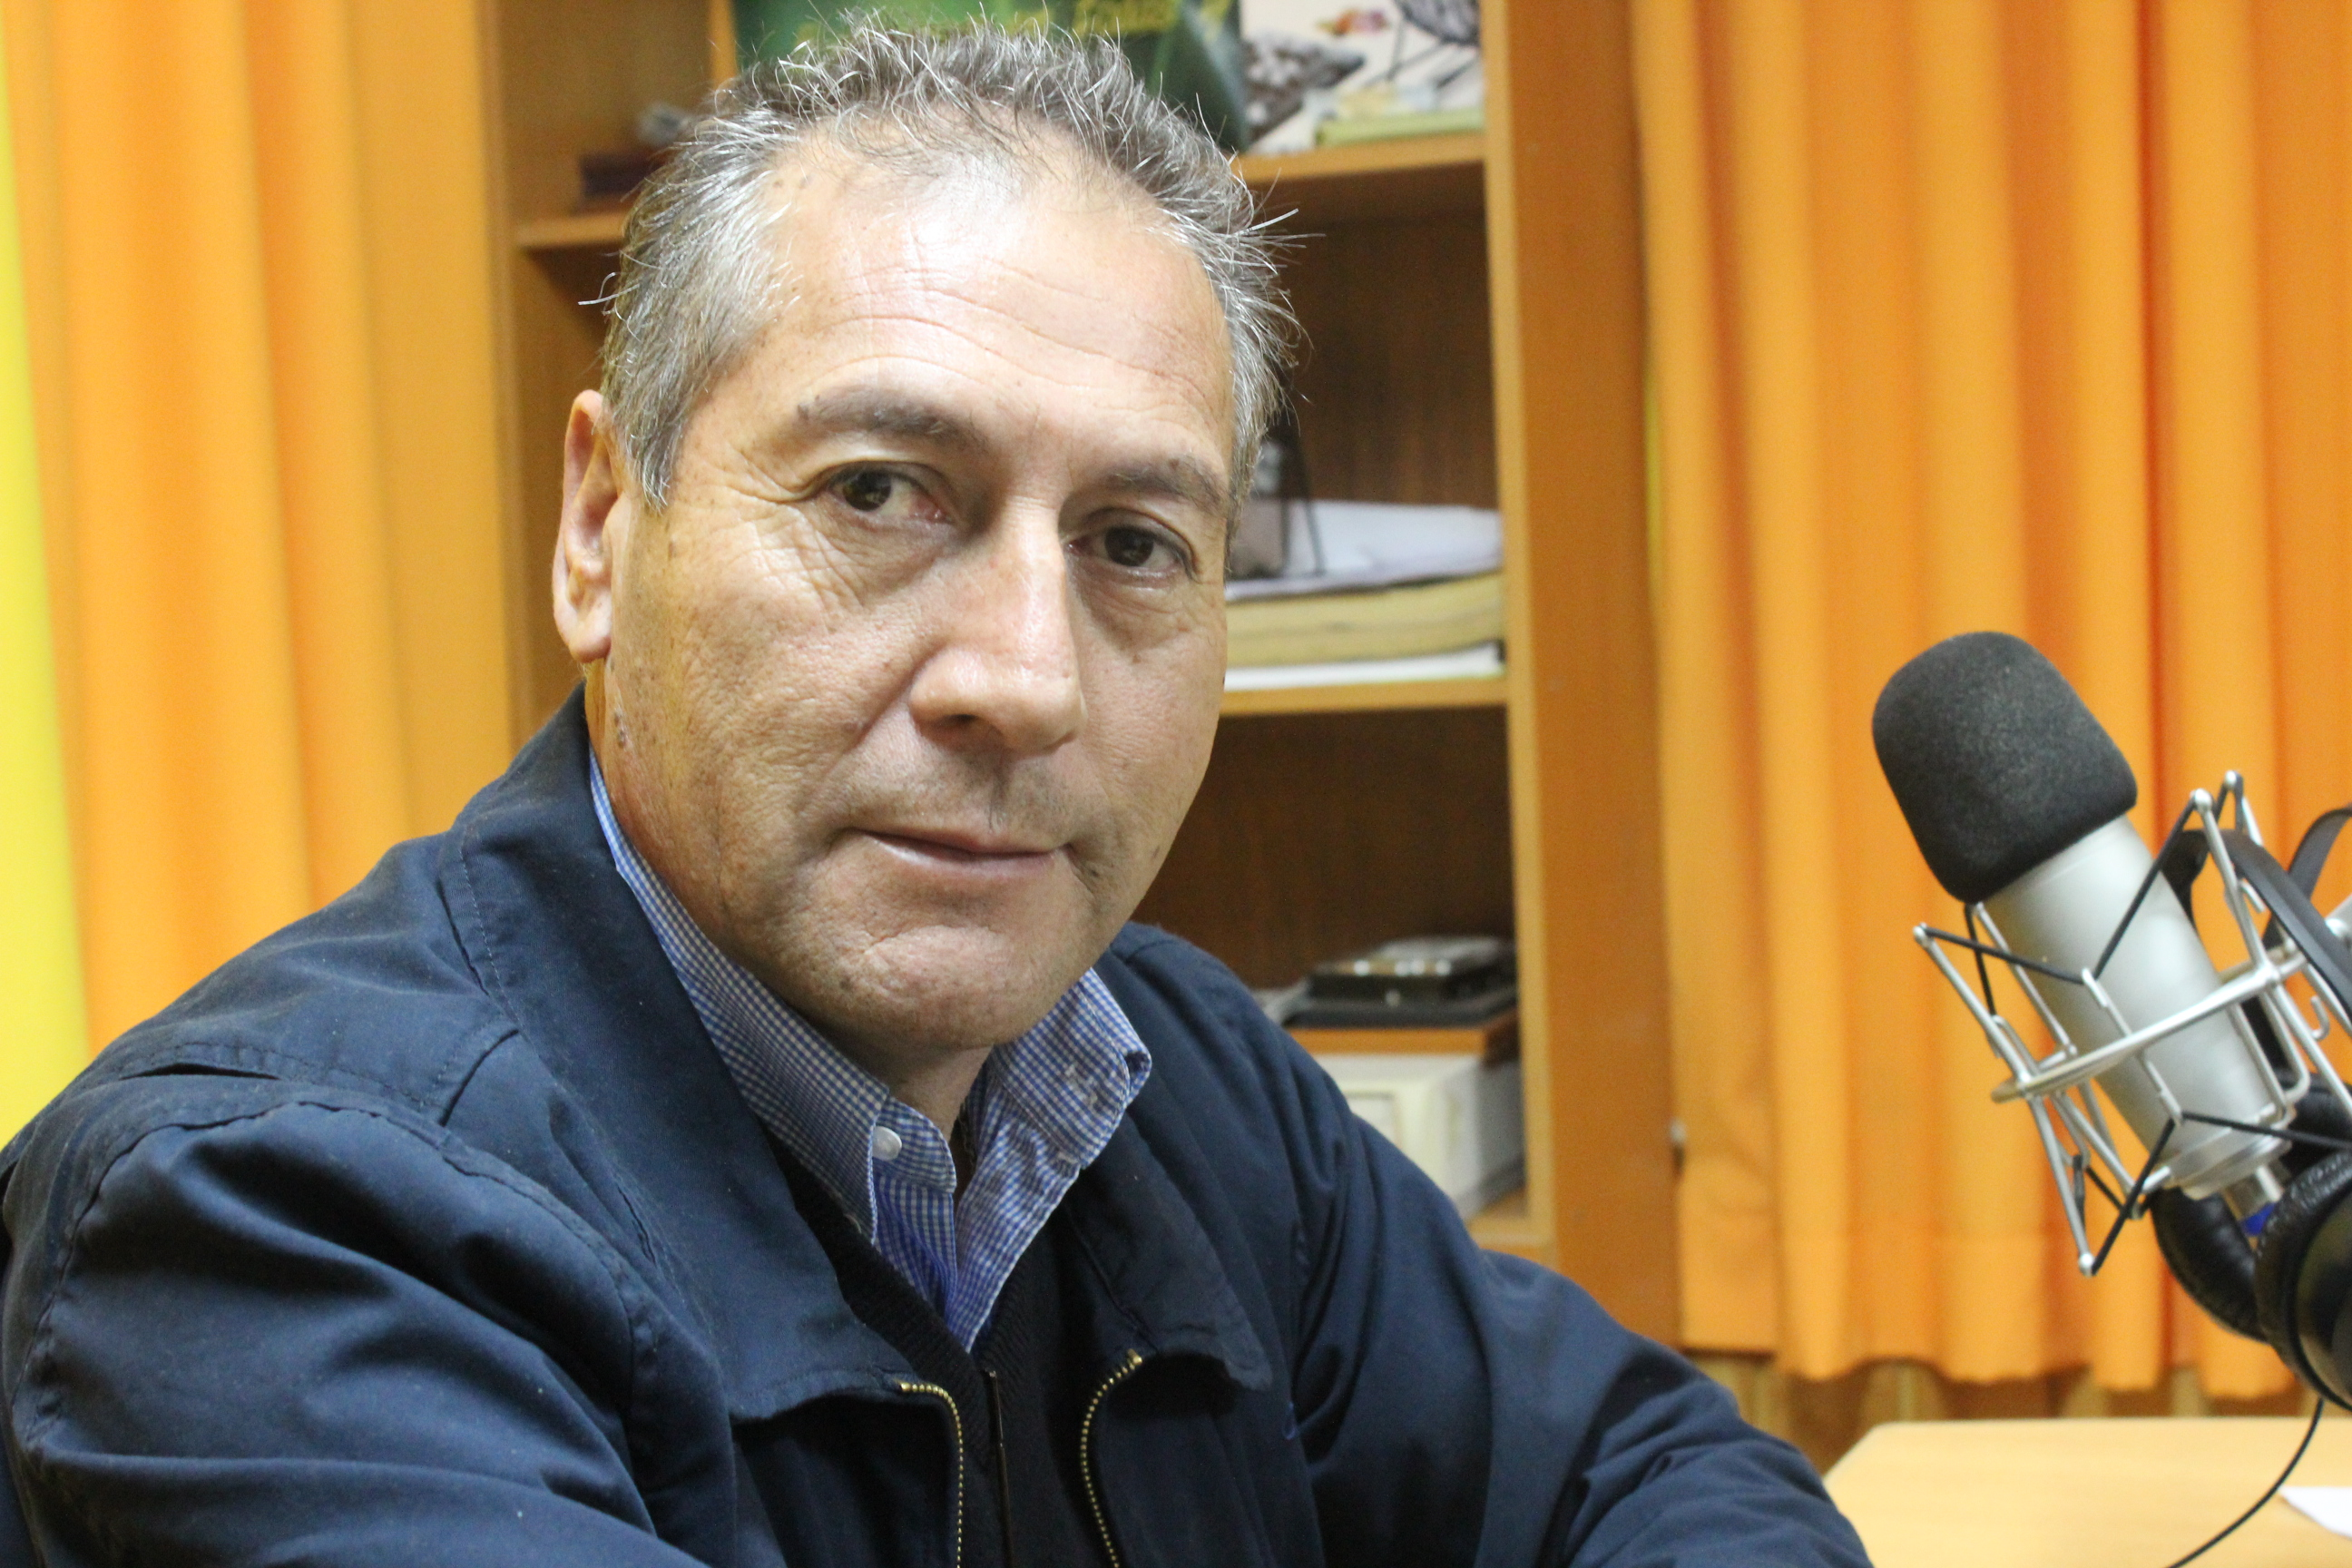 Candidato Pablo Ogalde se refiere al informe del Consejo para la Transparencia y situación de Vallenar